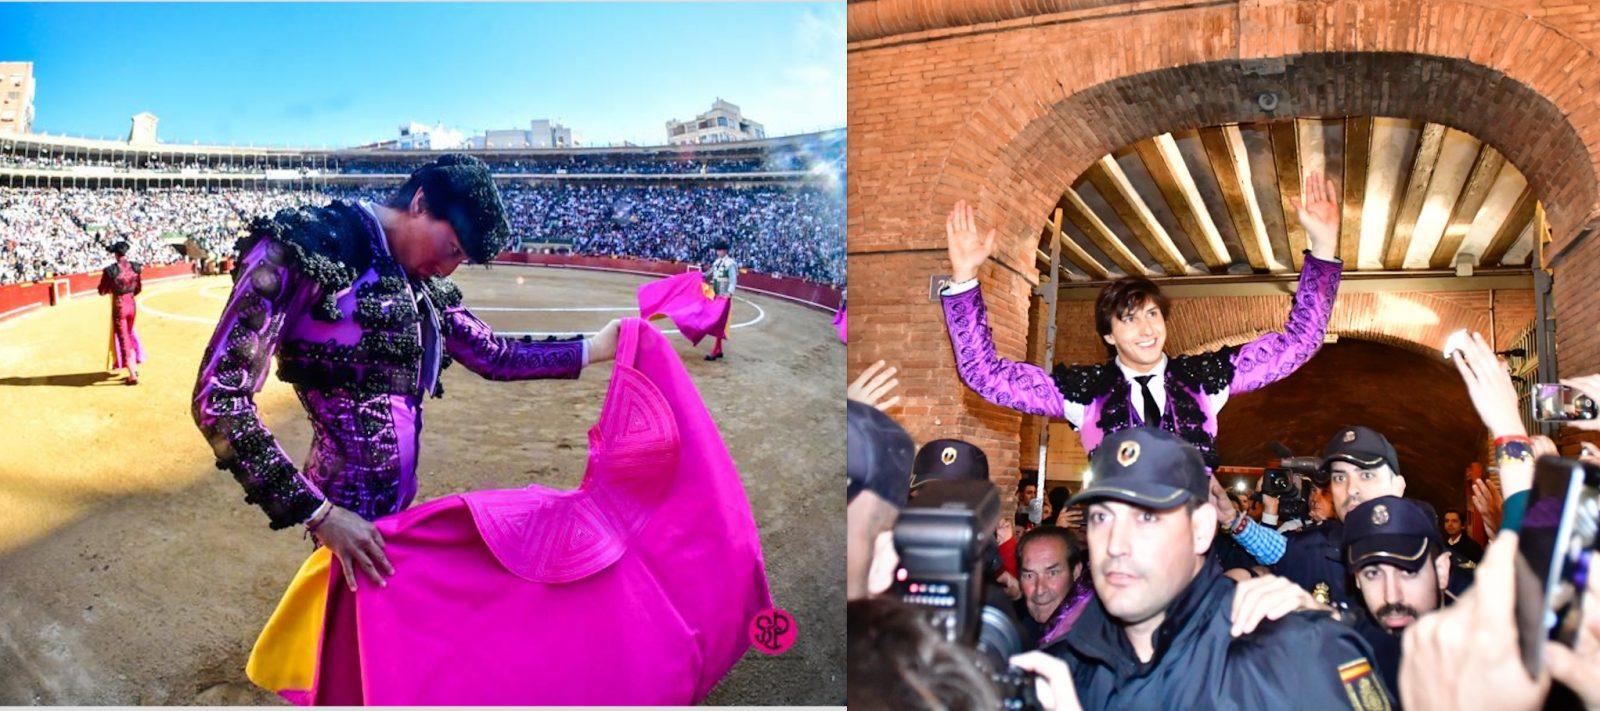 VIDEO // ANDRES ROCA REY, EL REY DE VALENCIA (15/03/2019)